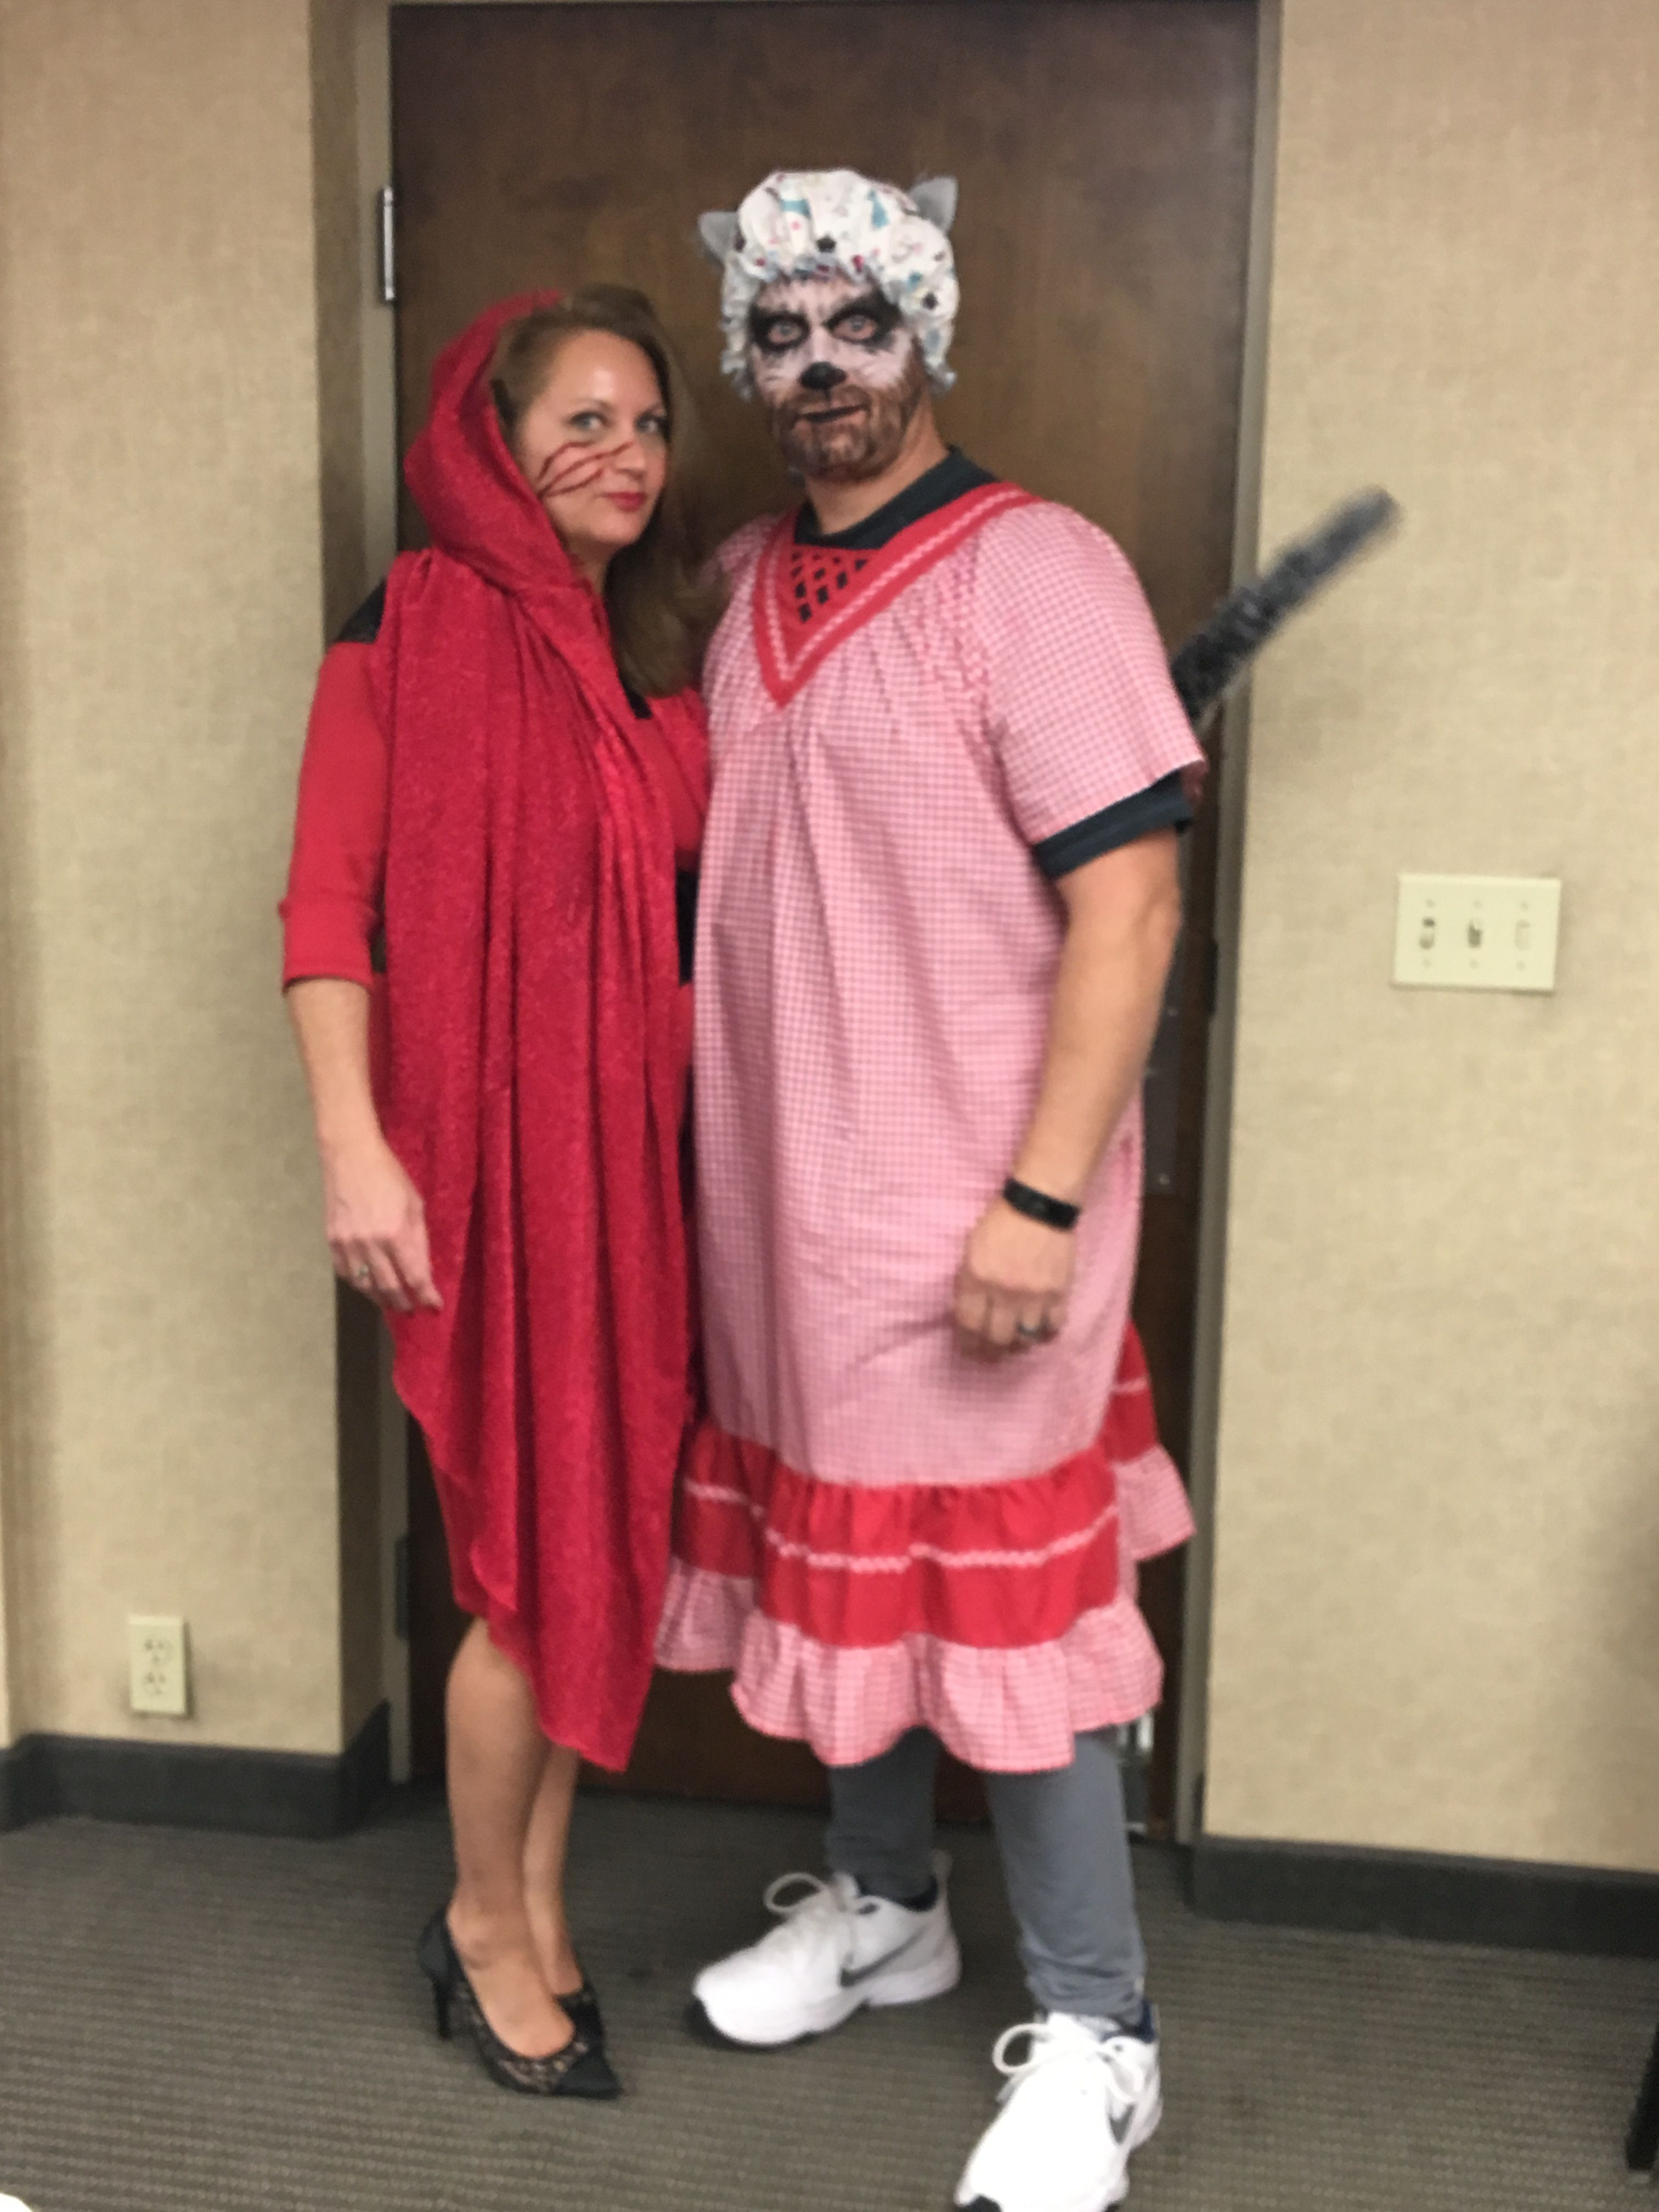 Encantador Cómo Vestirse Para Una Fiesta De Halloween Galería ...